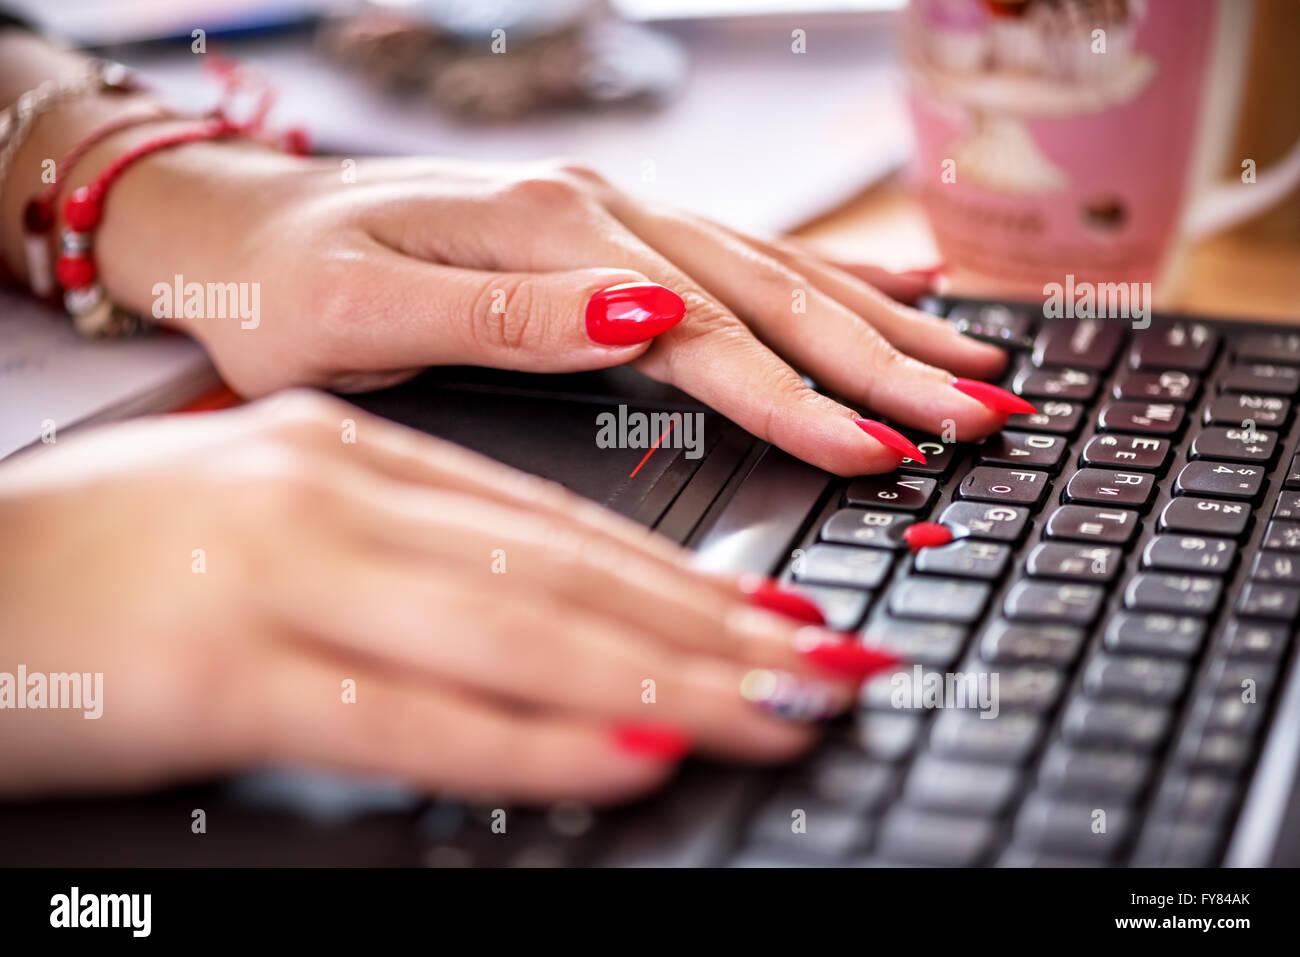 Trabajador de oficina femenina escribiendo en el teclado. Foto de stock